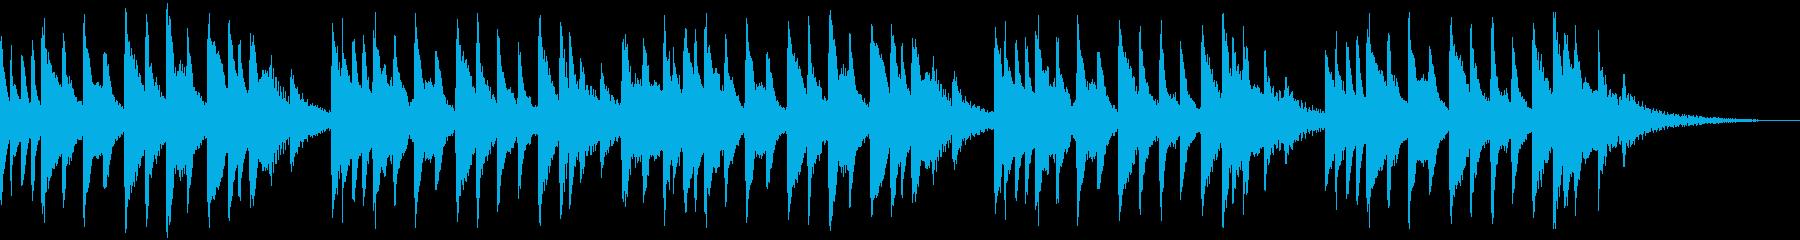 【和風】商品紹介 PR動画 (30秒尺)の再生済みの波形